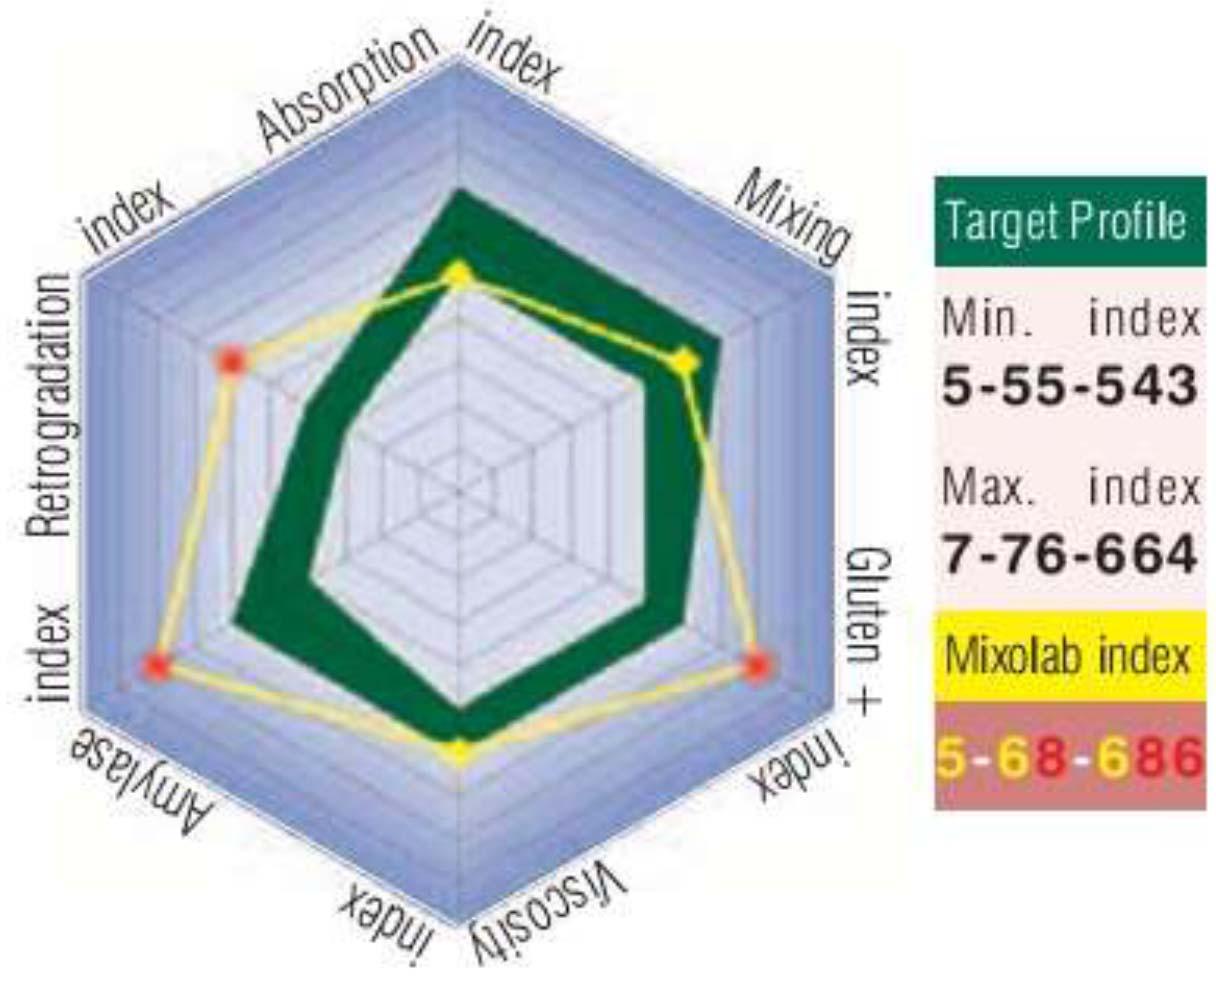 Máy phân tích khối bột mì đa chỉ tiêu - hình ảnh kết quả hiển thị